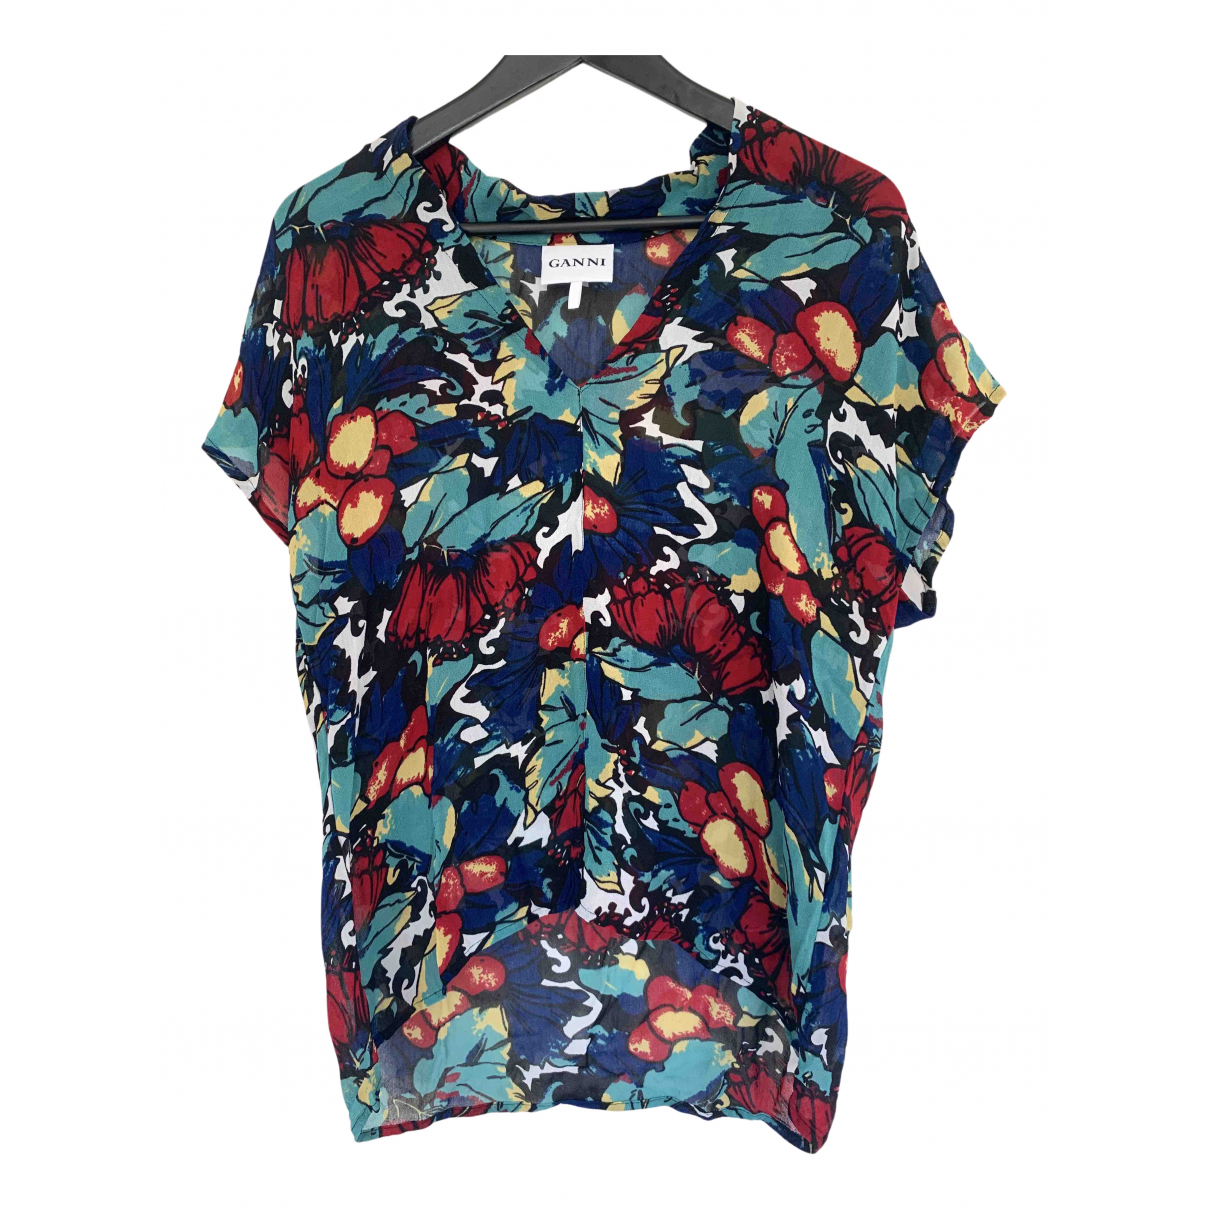 Ganni - Top   pour femme - multicolore